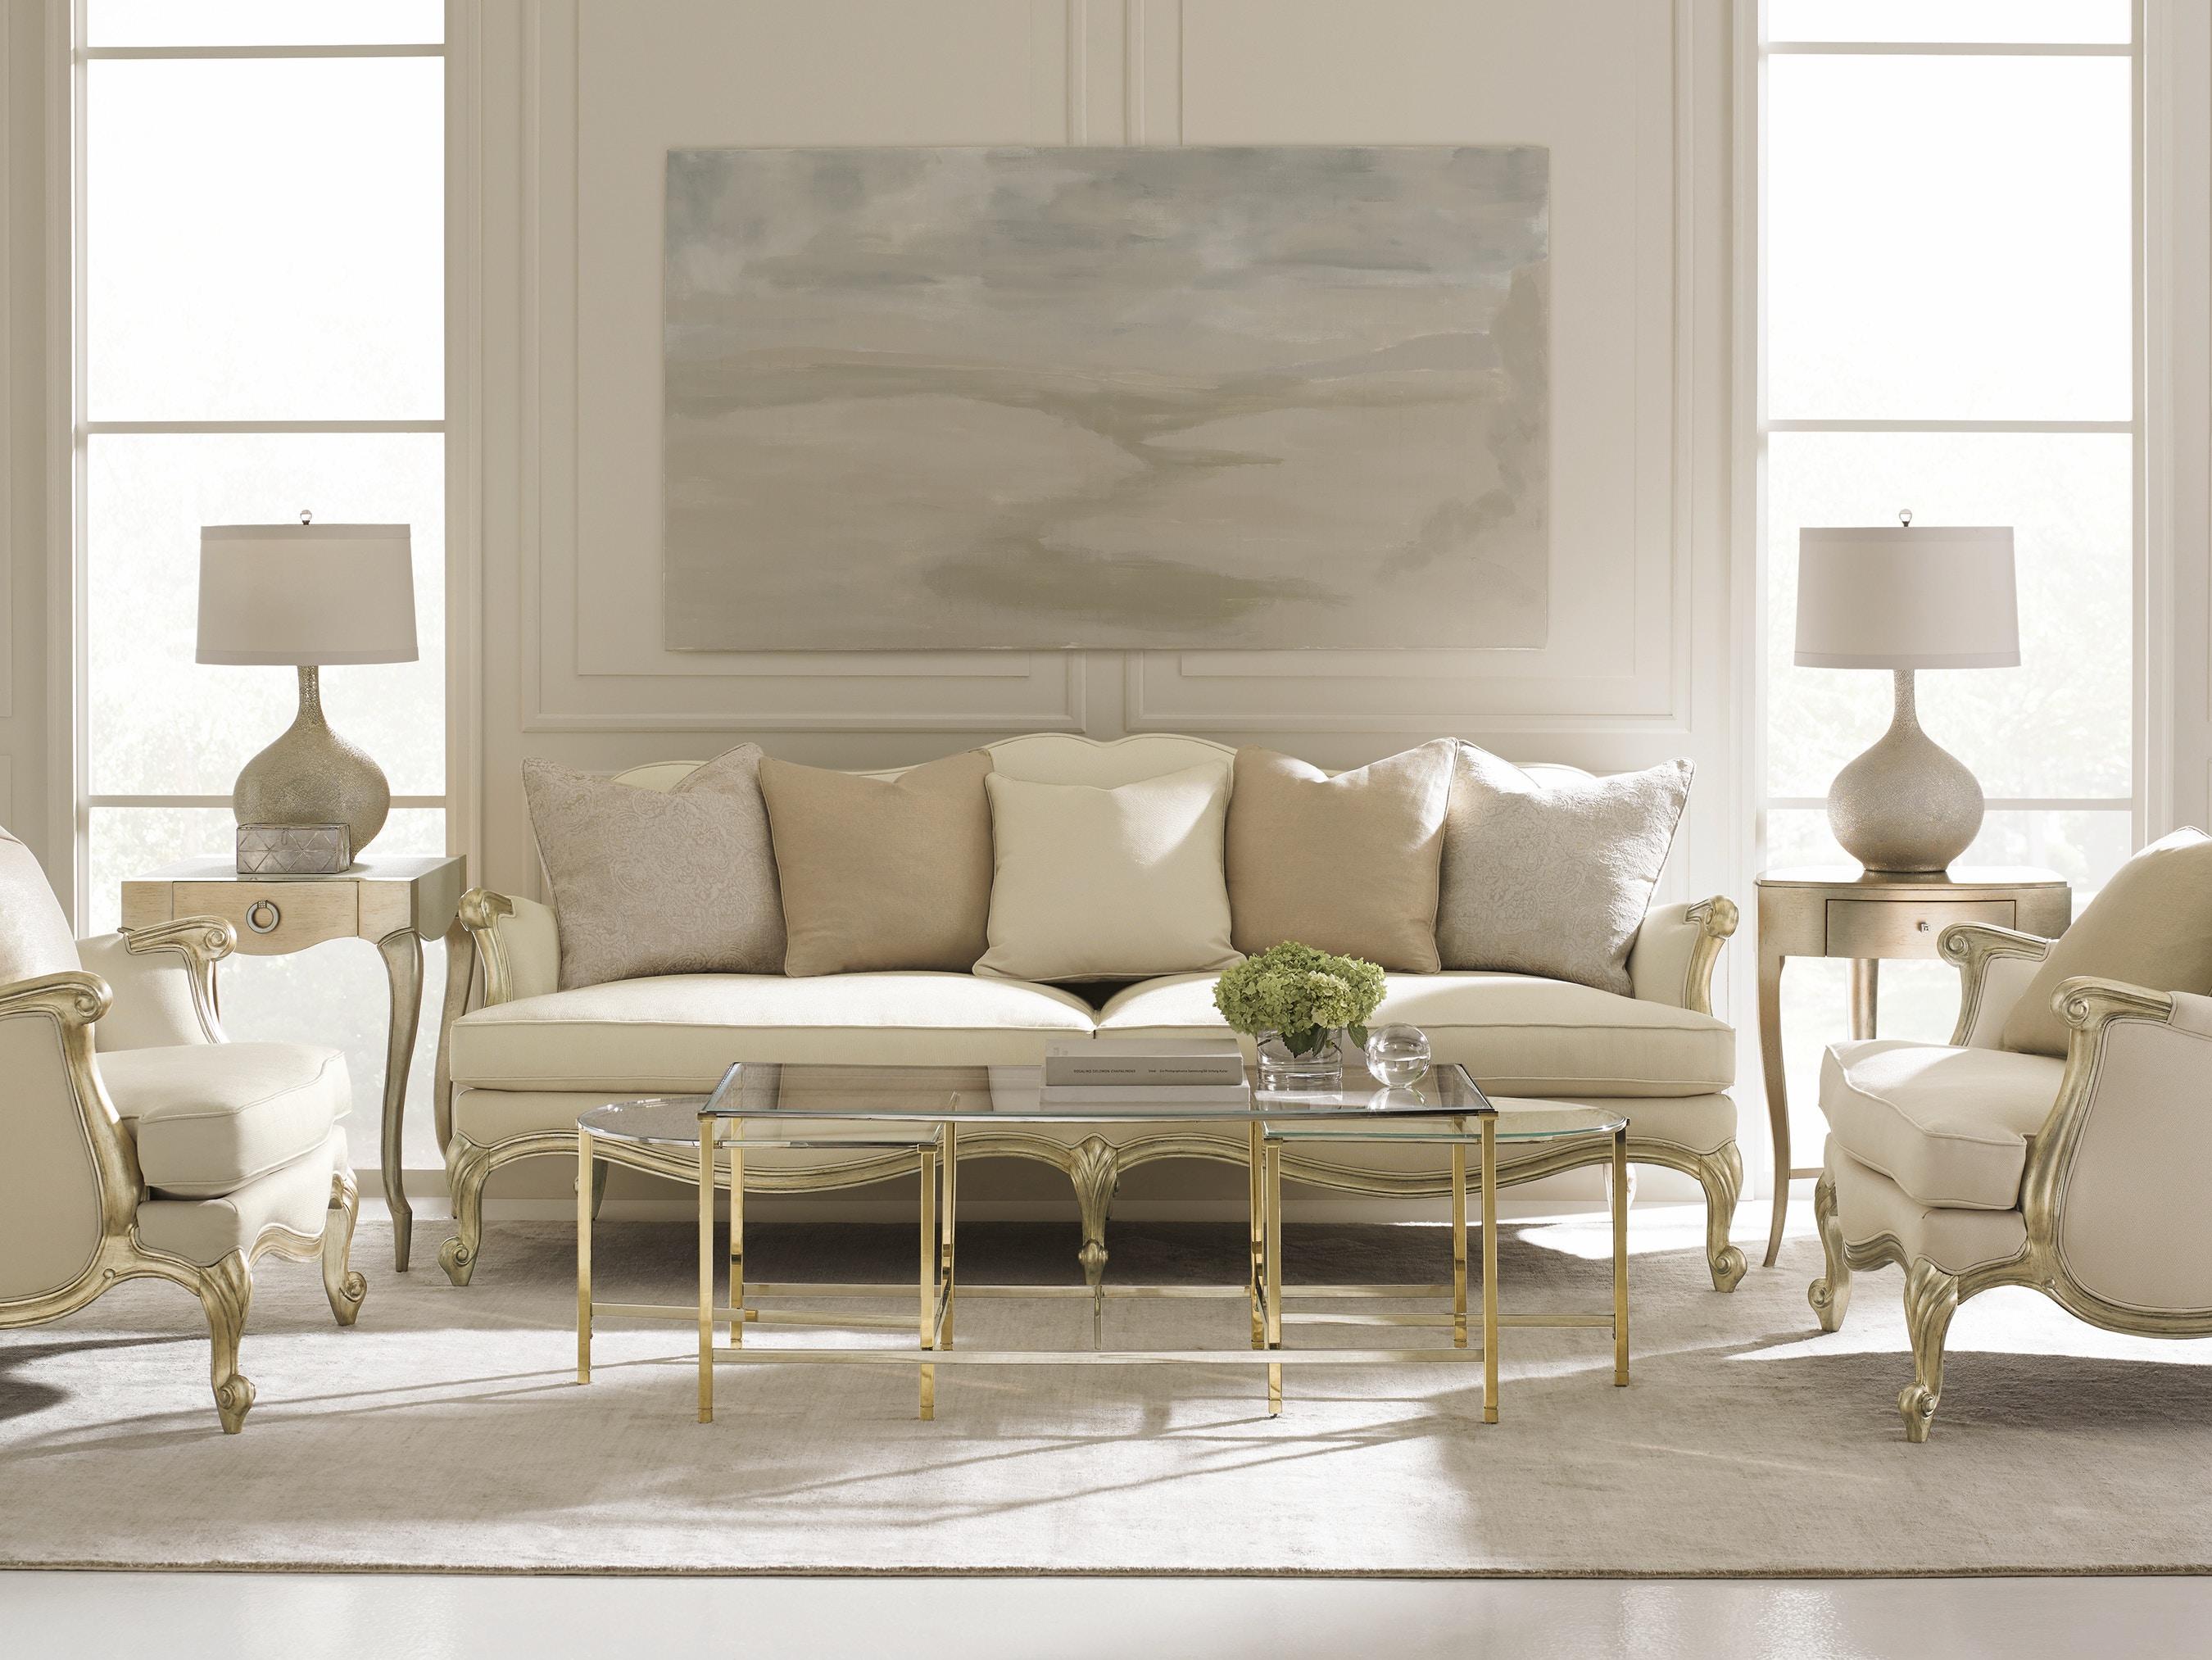 Caracole Living Room Savoir Faire Uph Chacav 27j Louis Shanks  # Muebles Savoir Faire